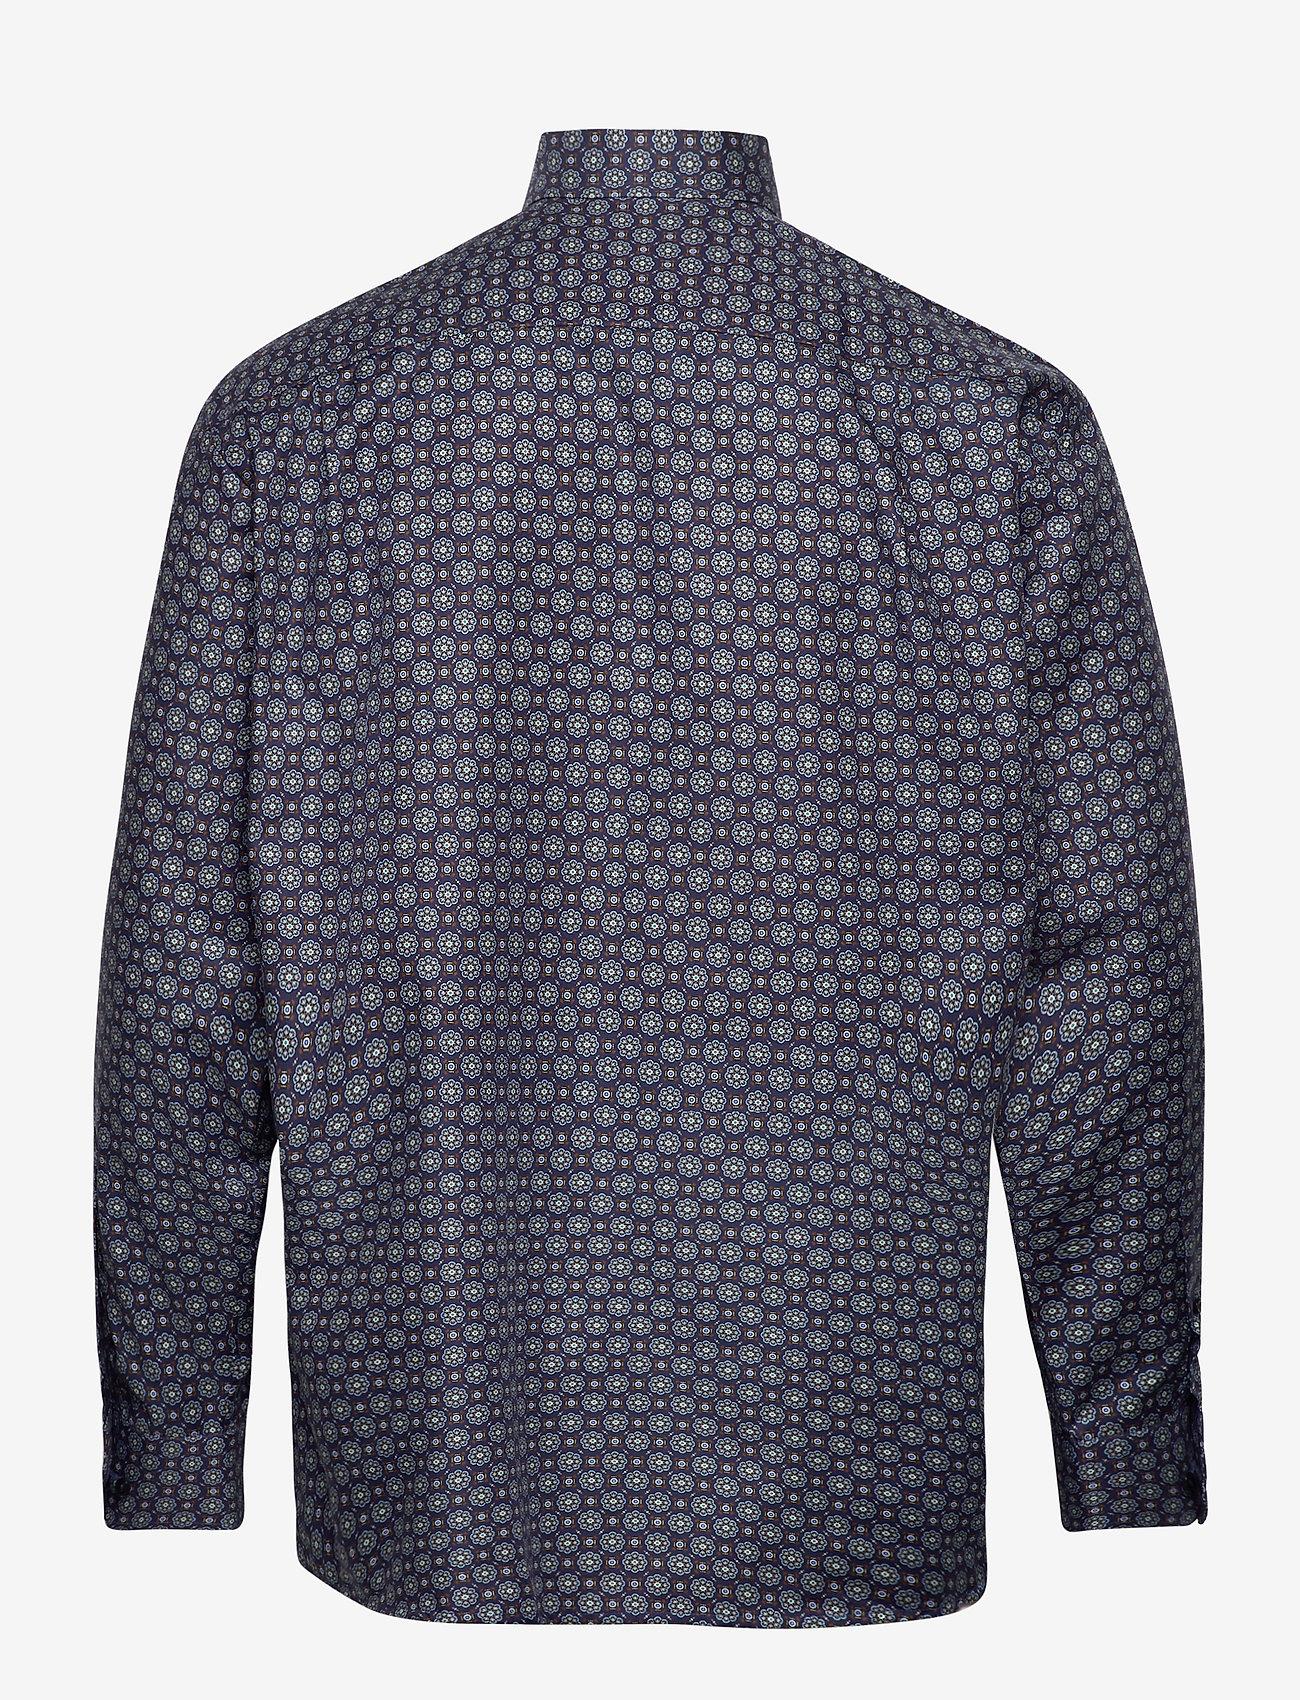 Eton Navy Medallion Print Twill Shirt - Skjorter BLUE - Menn Klær